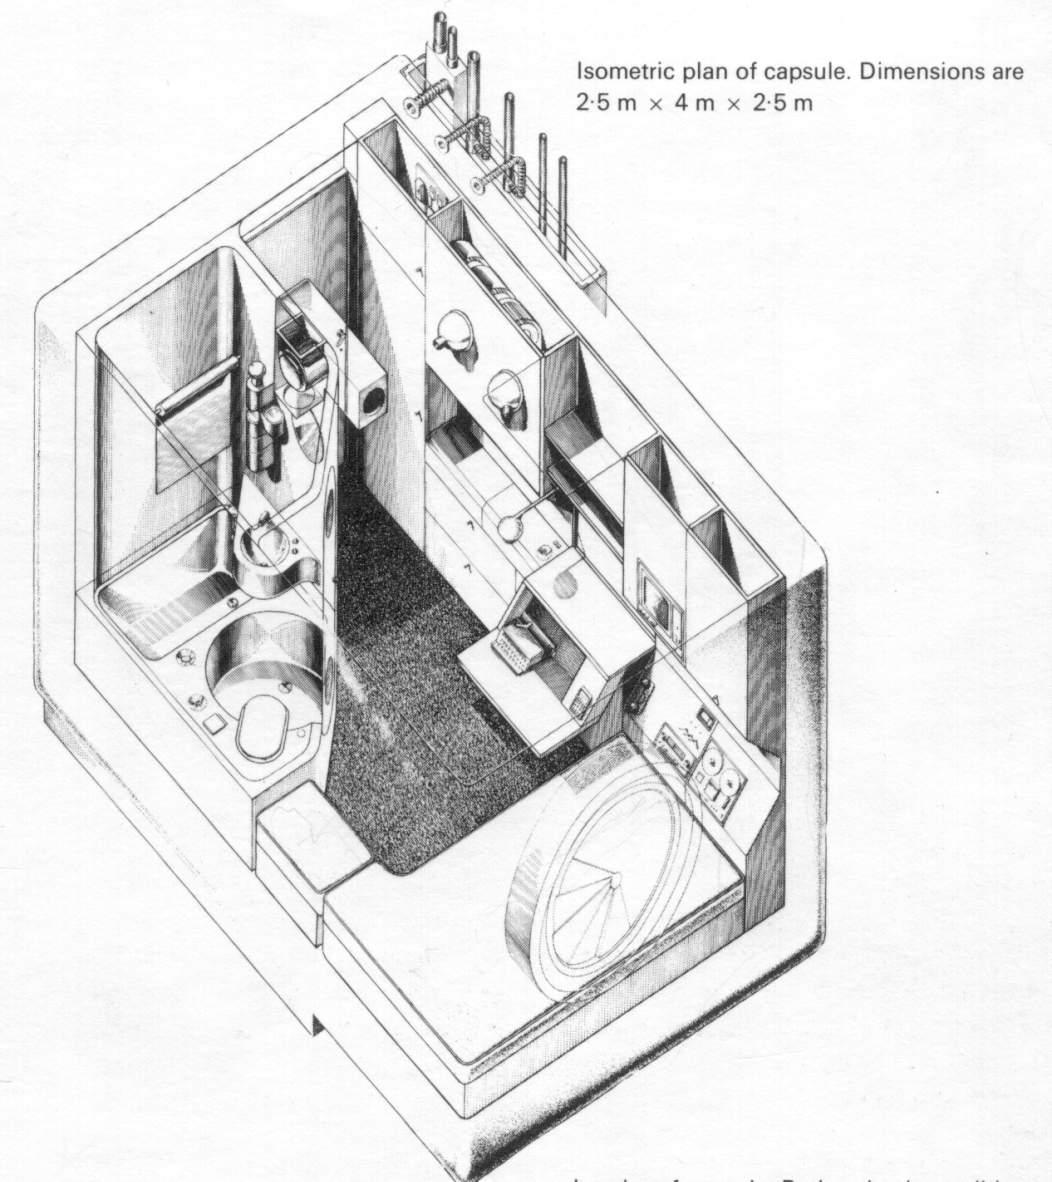 Схема устройства мобильного отеля капсульного типа